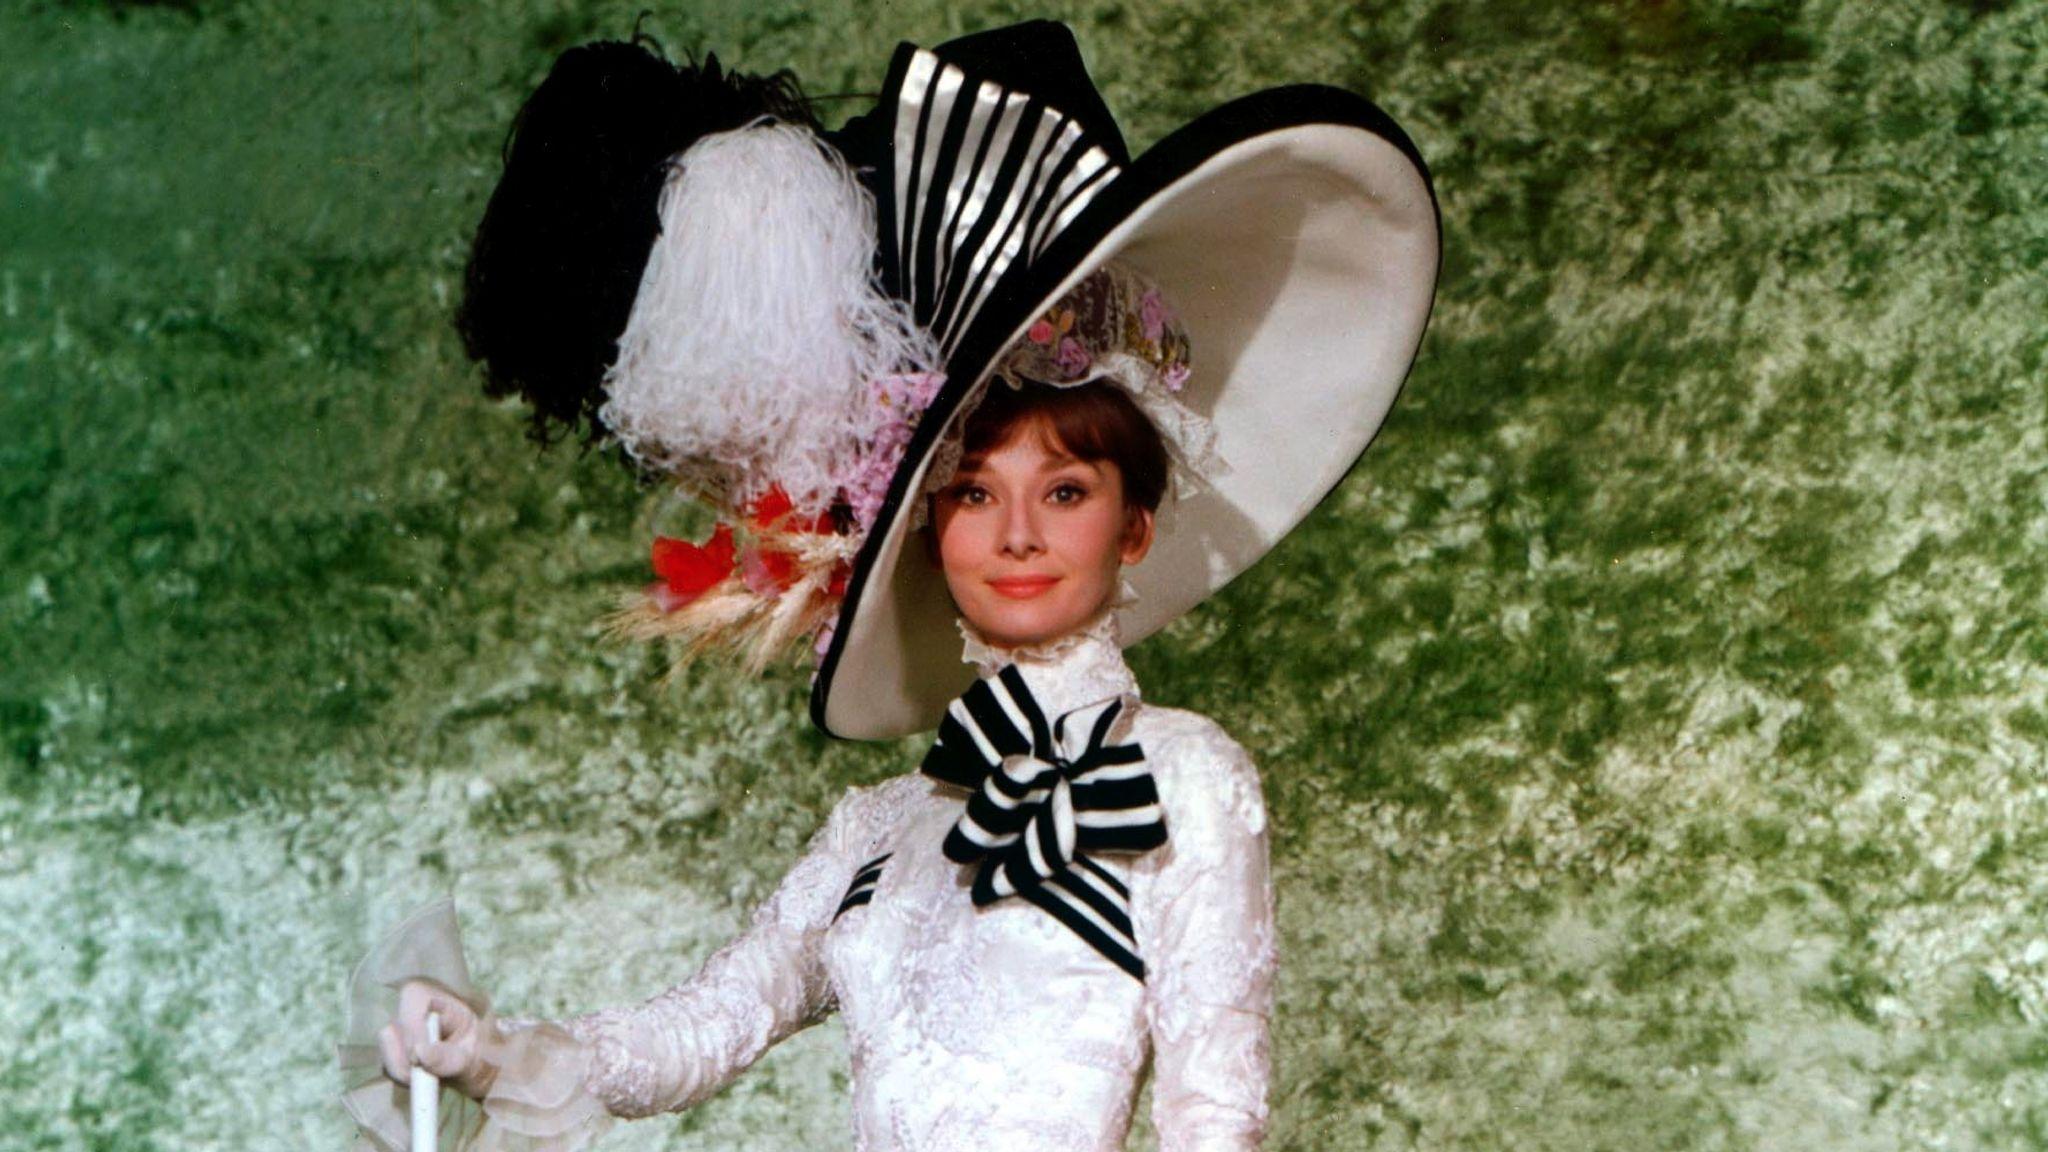 My Fair Lady. Pic: Warner Bros/Kobal/Shutterstock